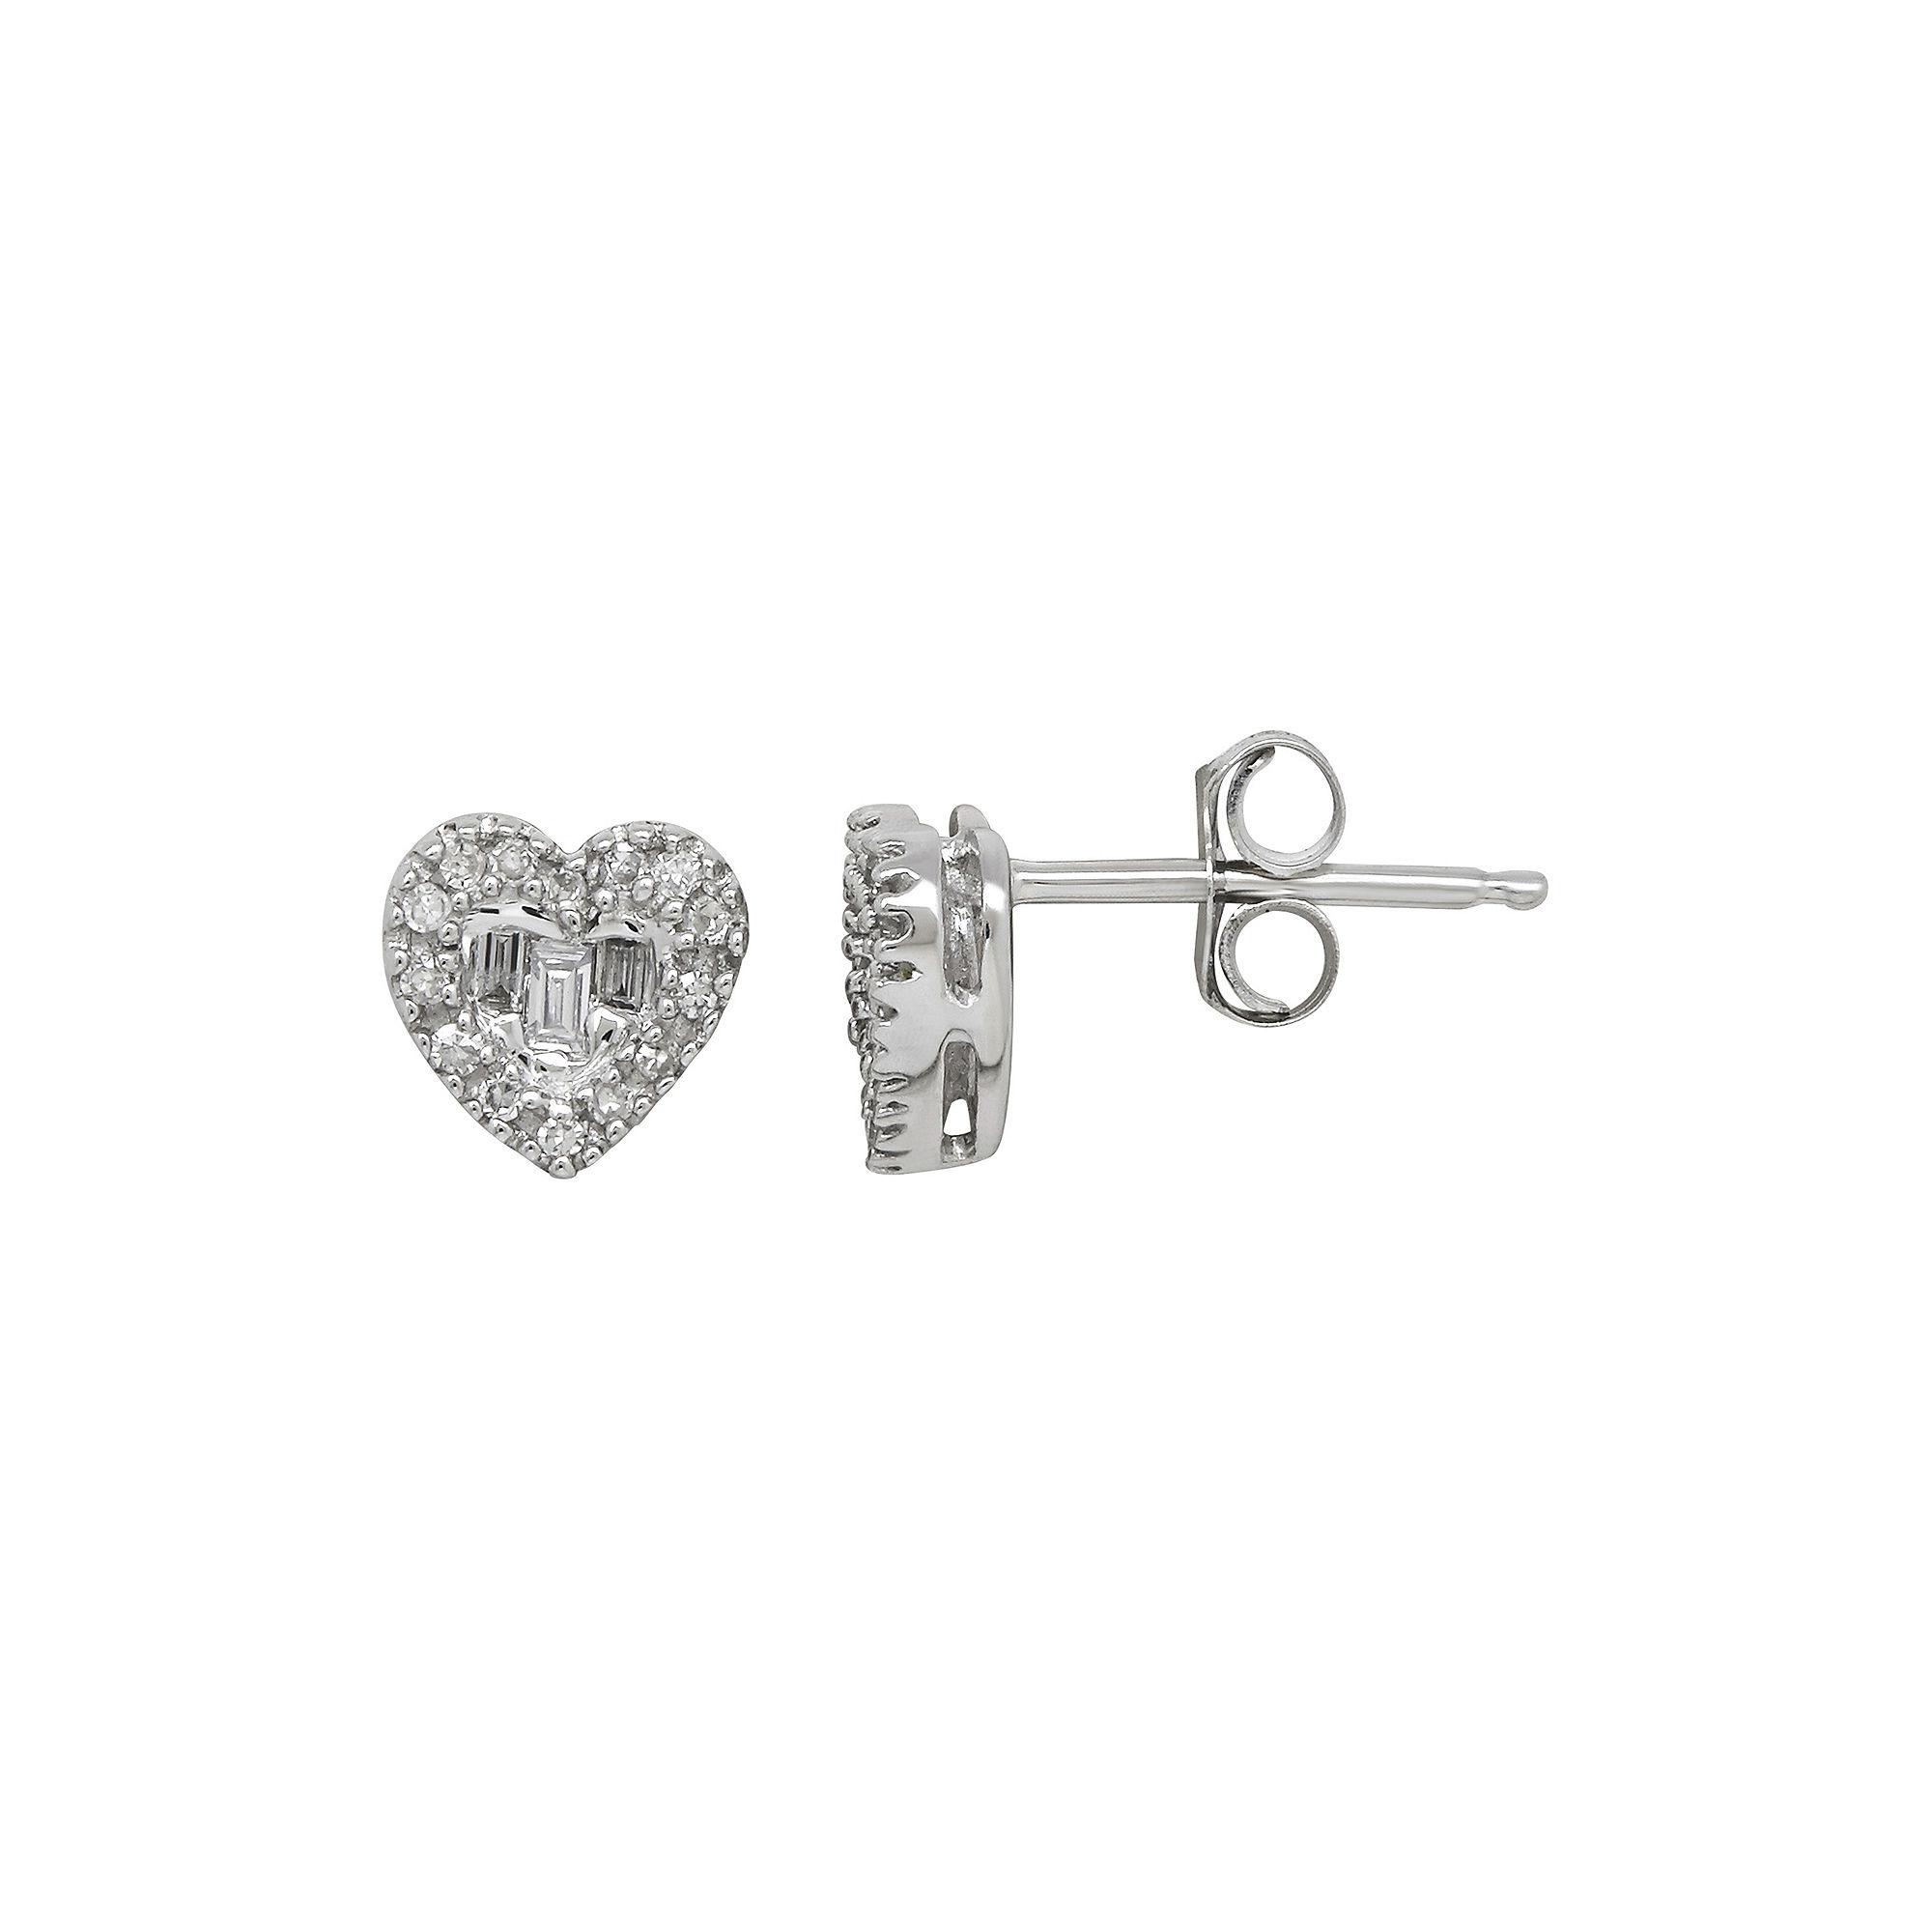 Tw Diamond 10k White Gold Heart Earrings Jcpenney